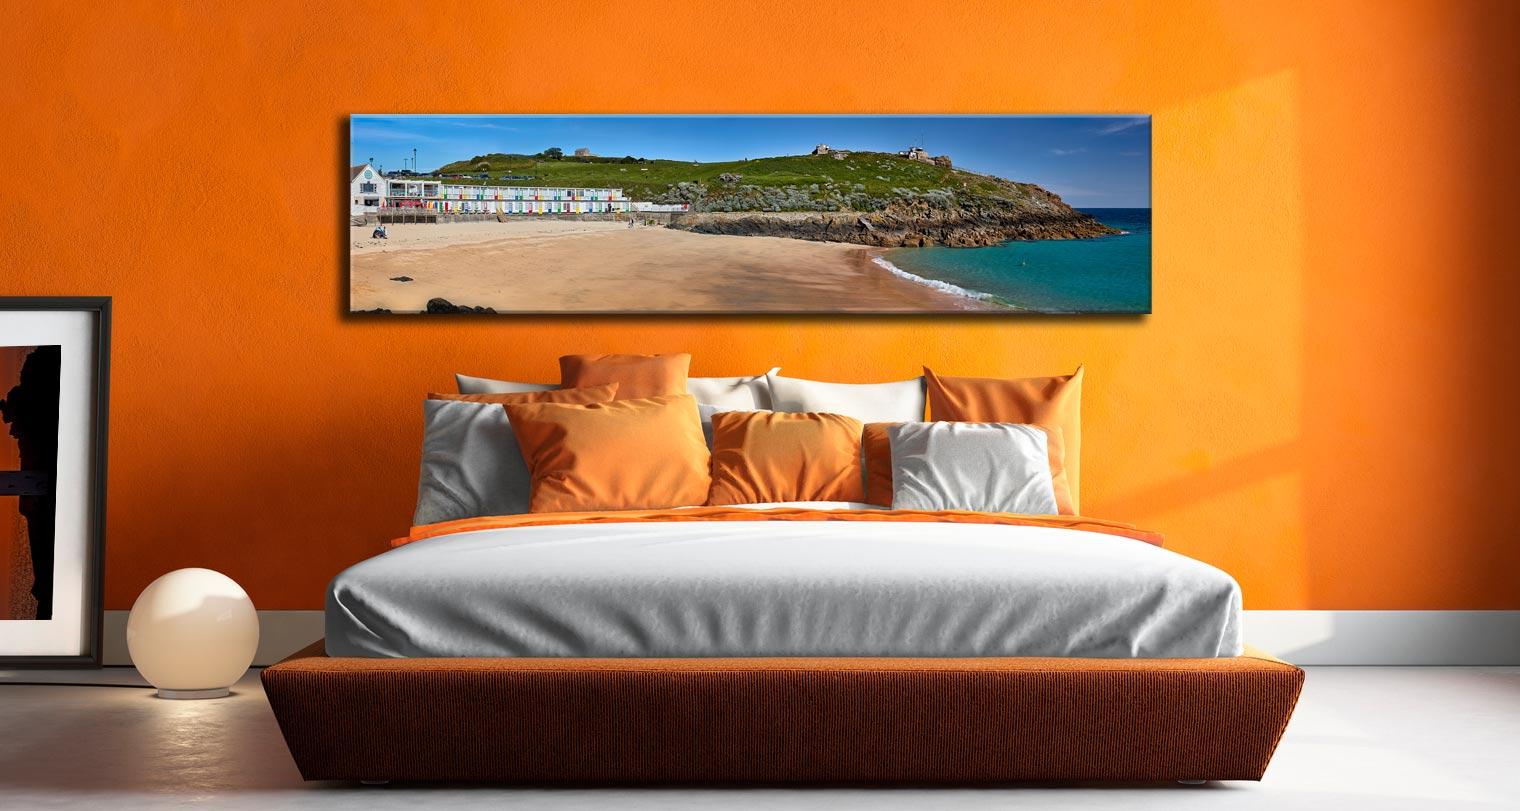 Porthgwidden Beach The Island - Cornwall Canvas on Wall